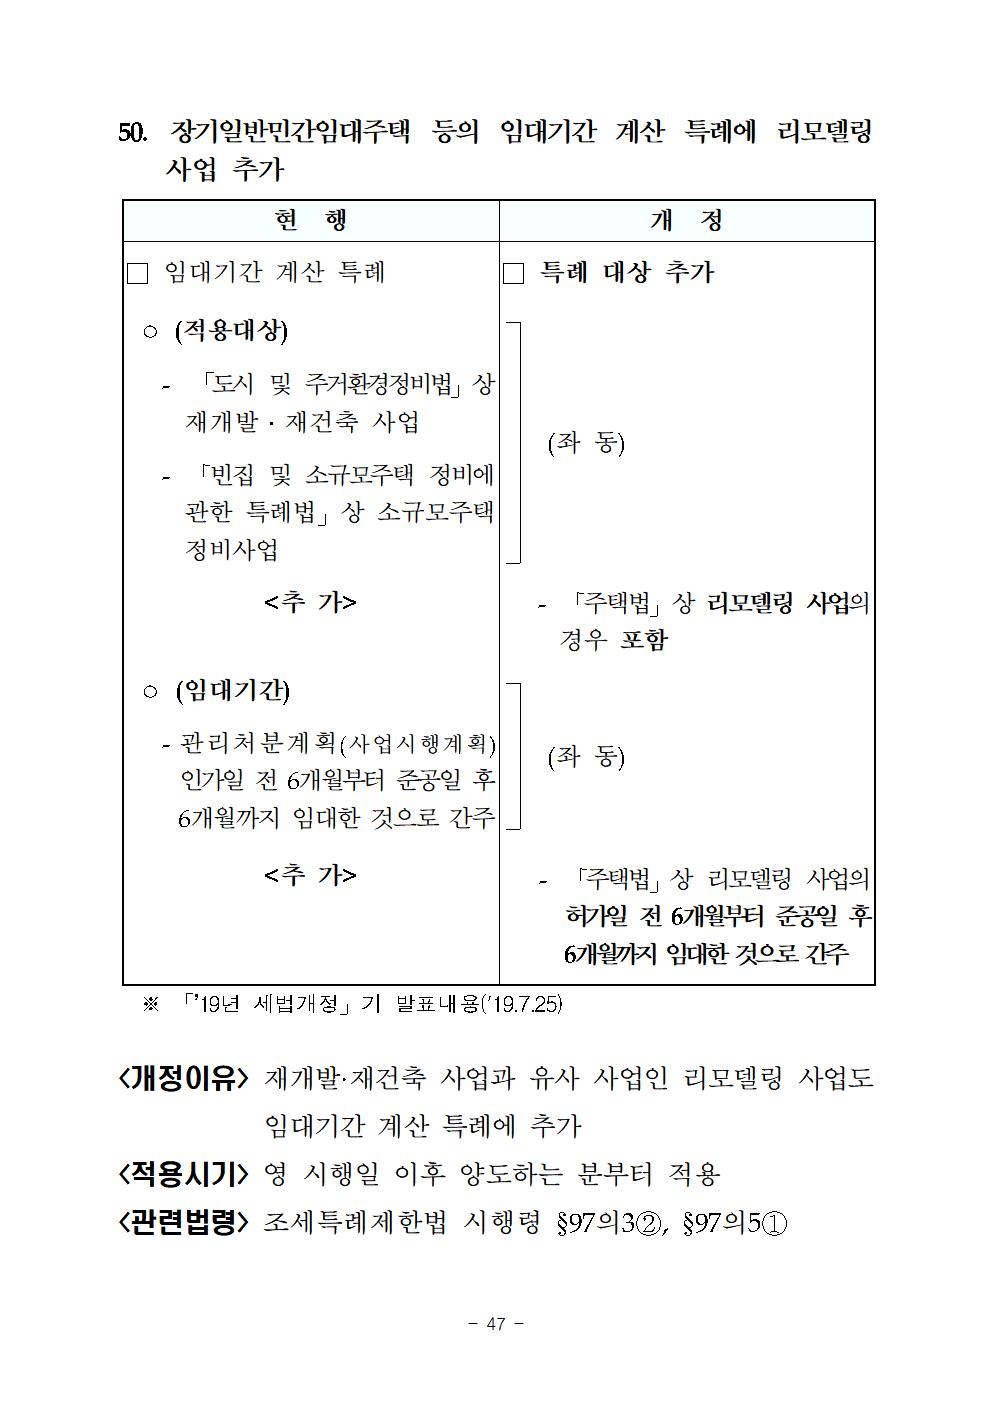 2019년세법개정내용(양도소득세분야)052.png